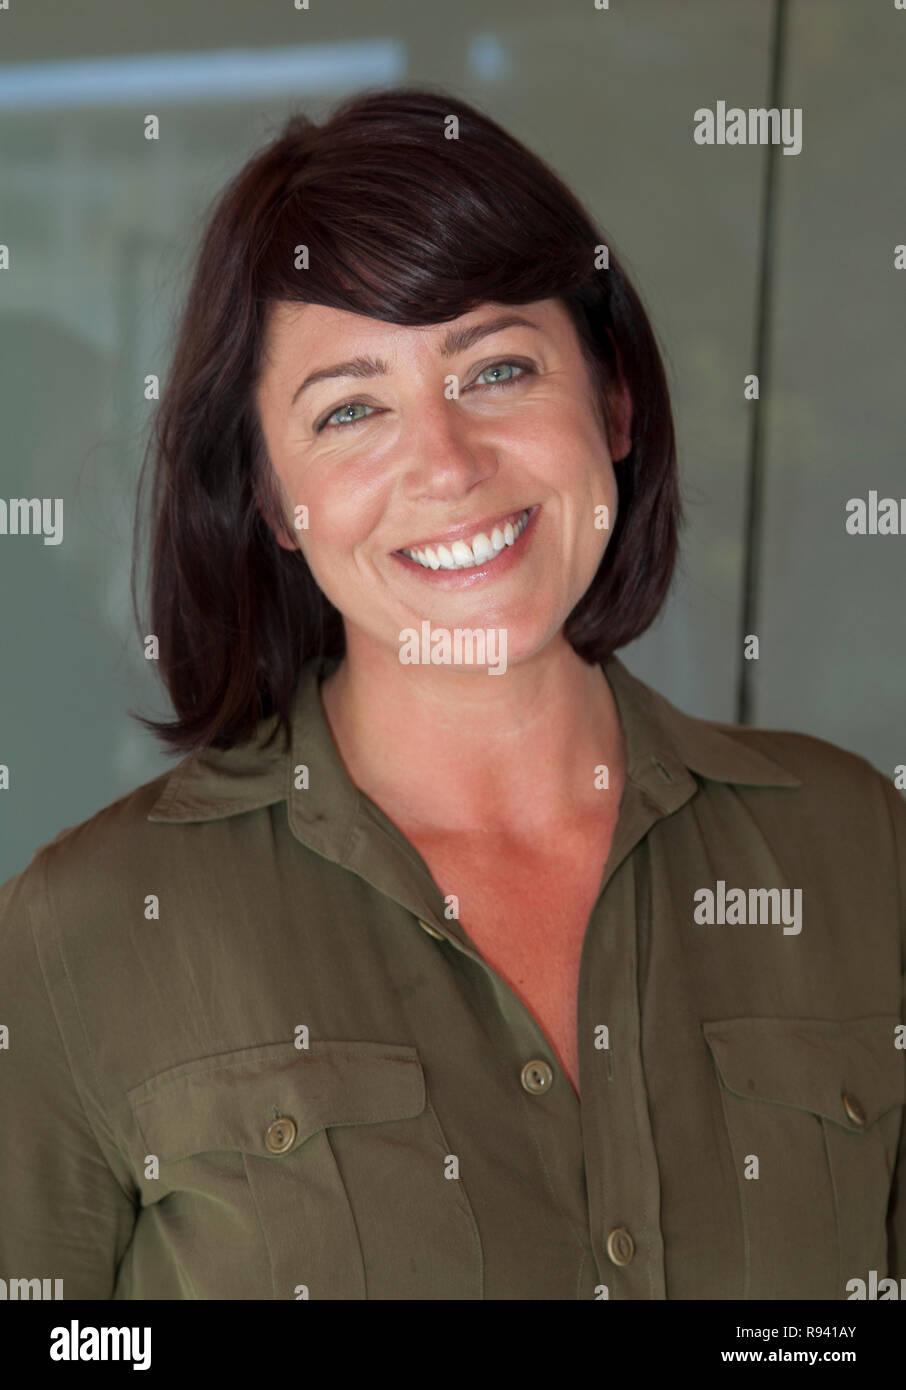 Hot south sweden actress photos